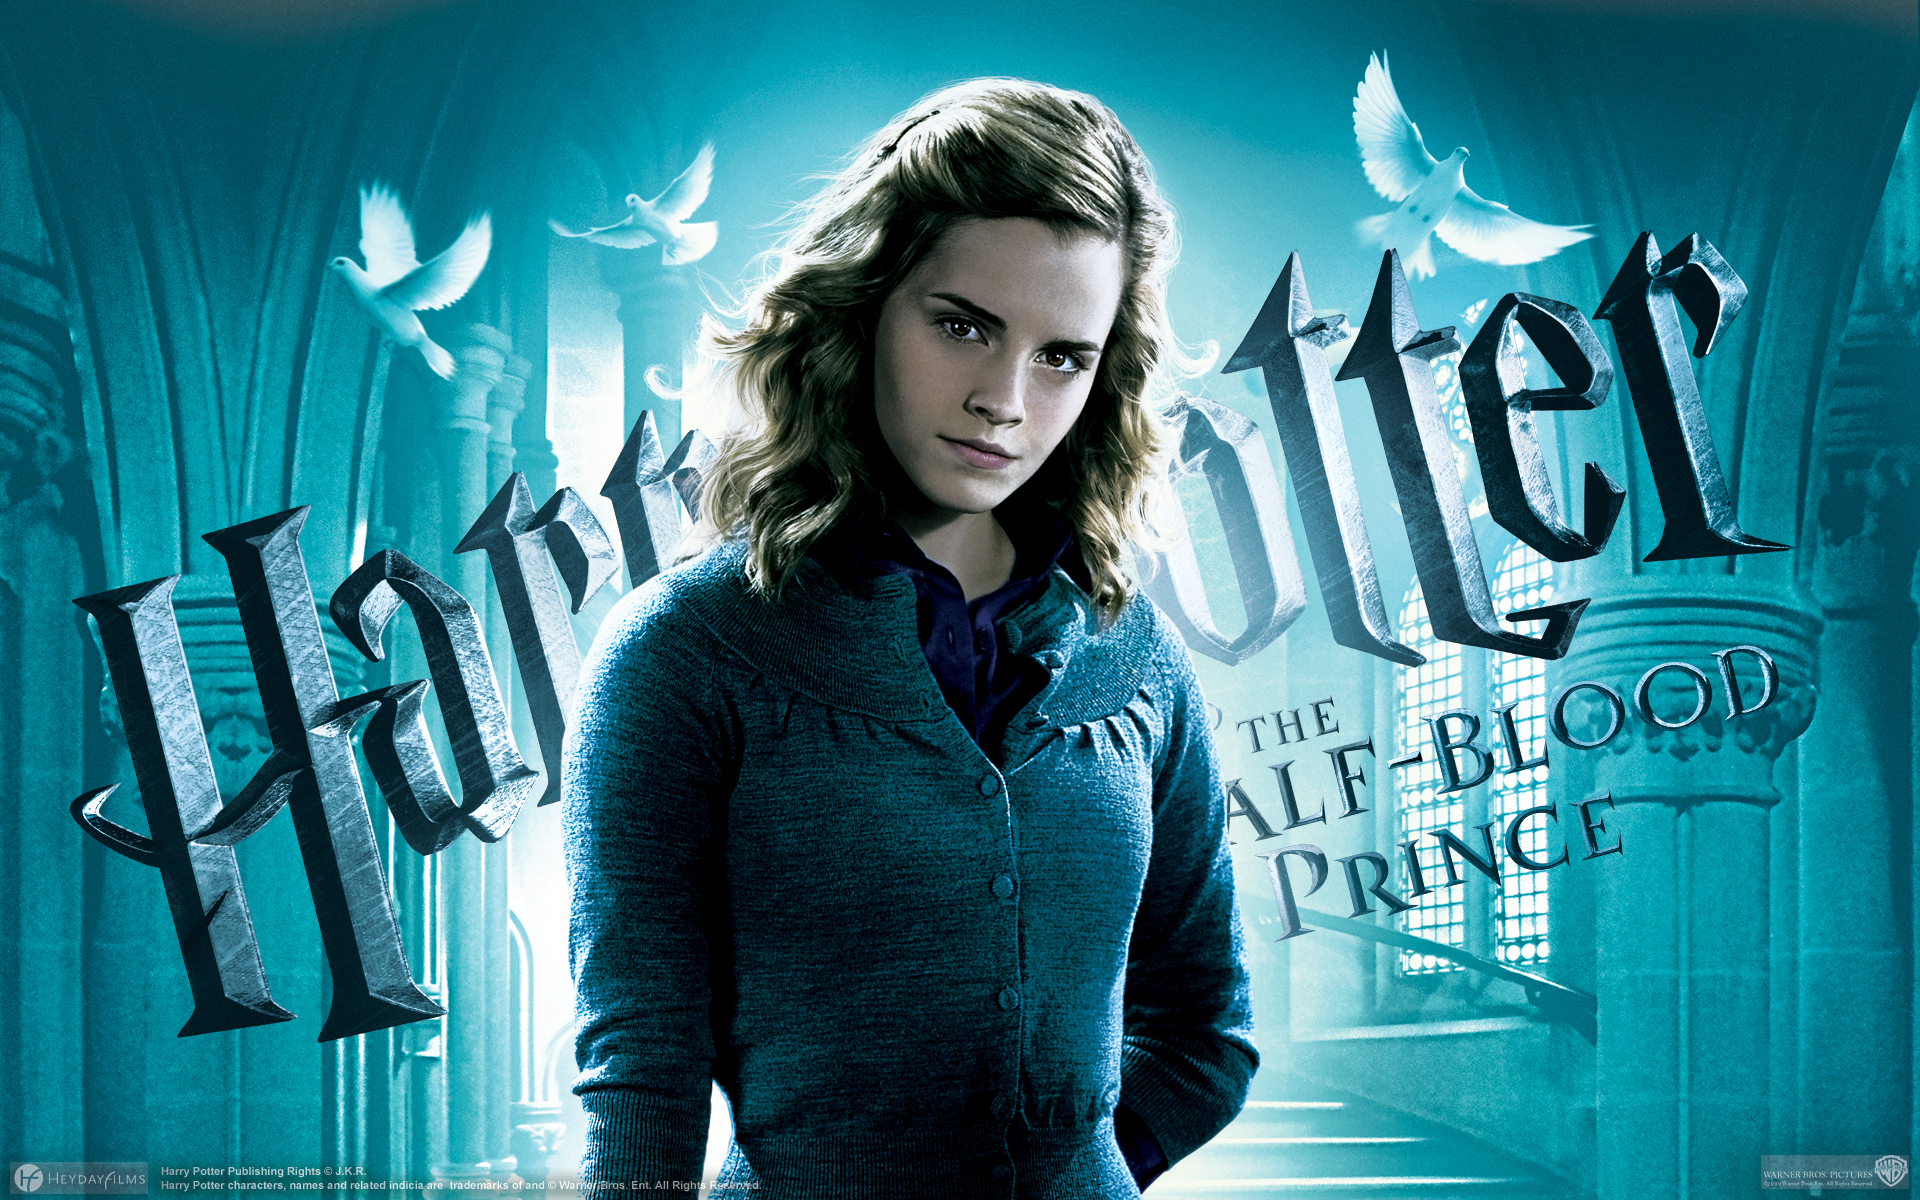 c709a253dd50b Harry Potter immagini Harry Potter - HBP wallpaper HD wallpaper and ...